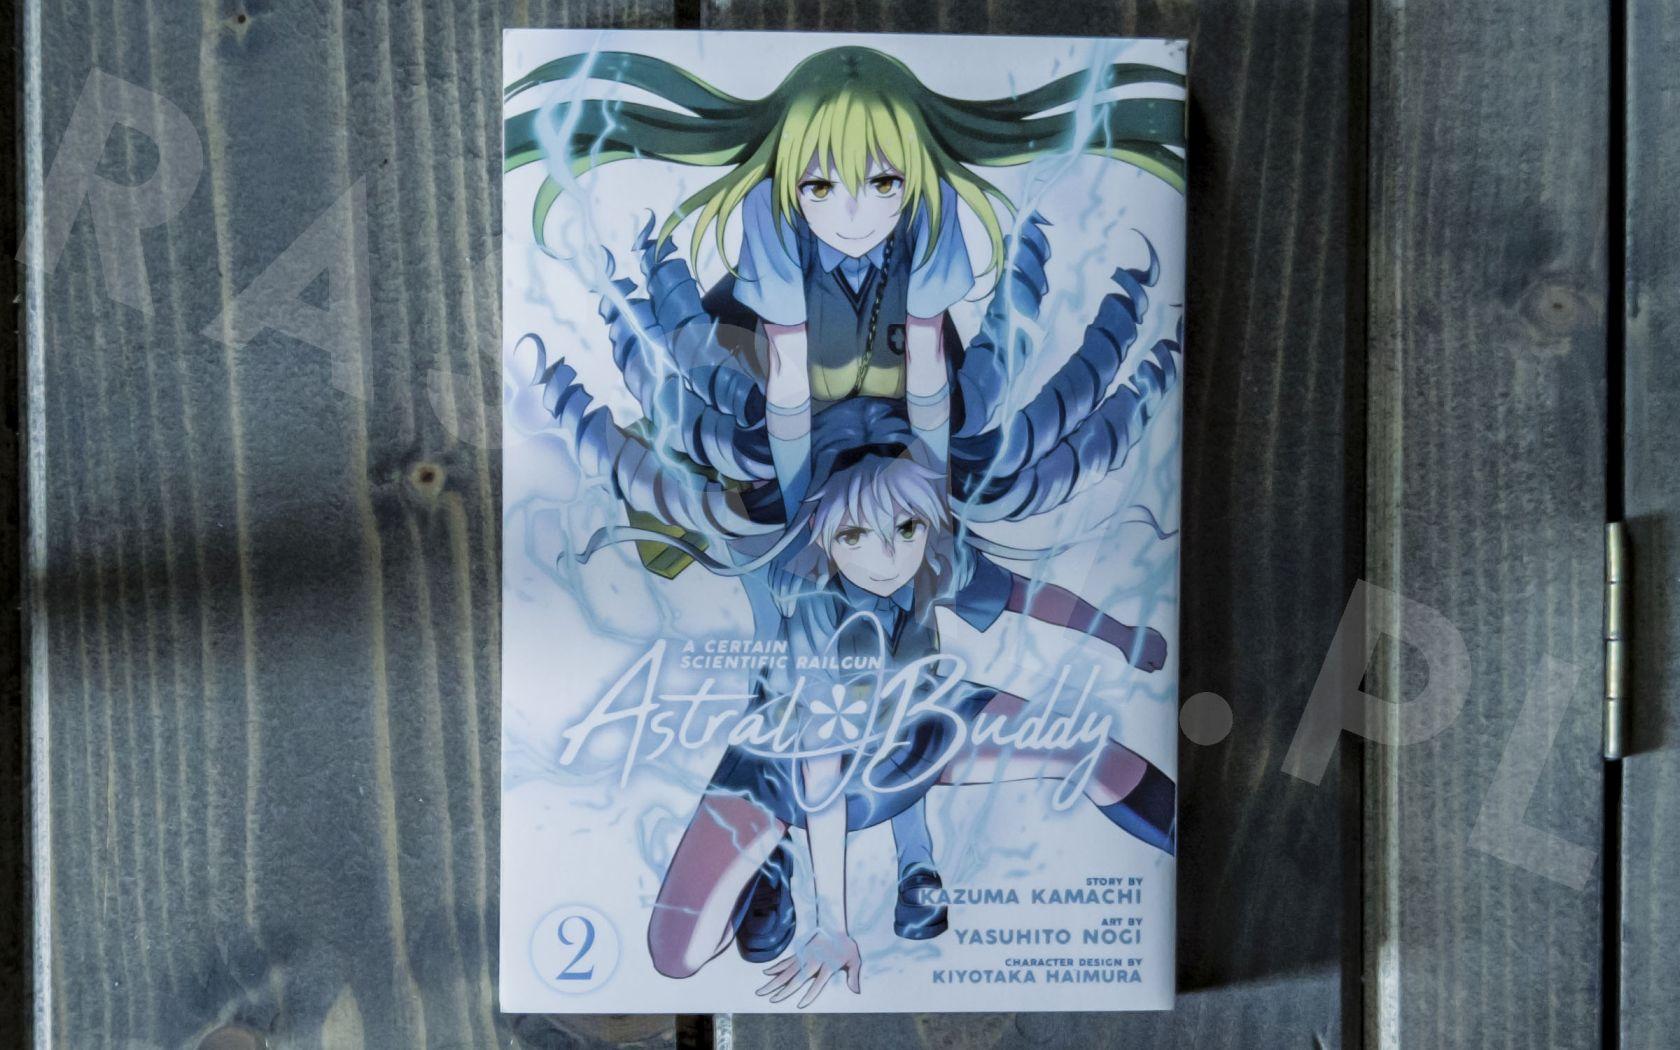 Toaru Kagaku no Railgun: Astral Buddy (2) - Seven Seas - Nowości w kolekcji mangi (listopad 2020) - rascal.pl